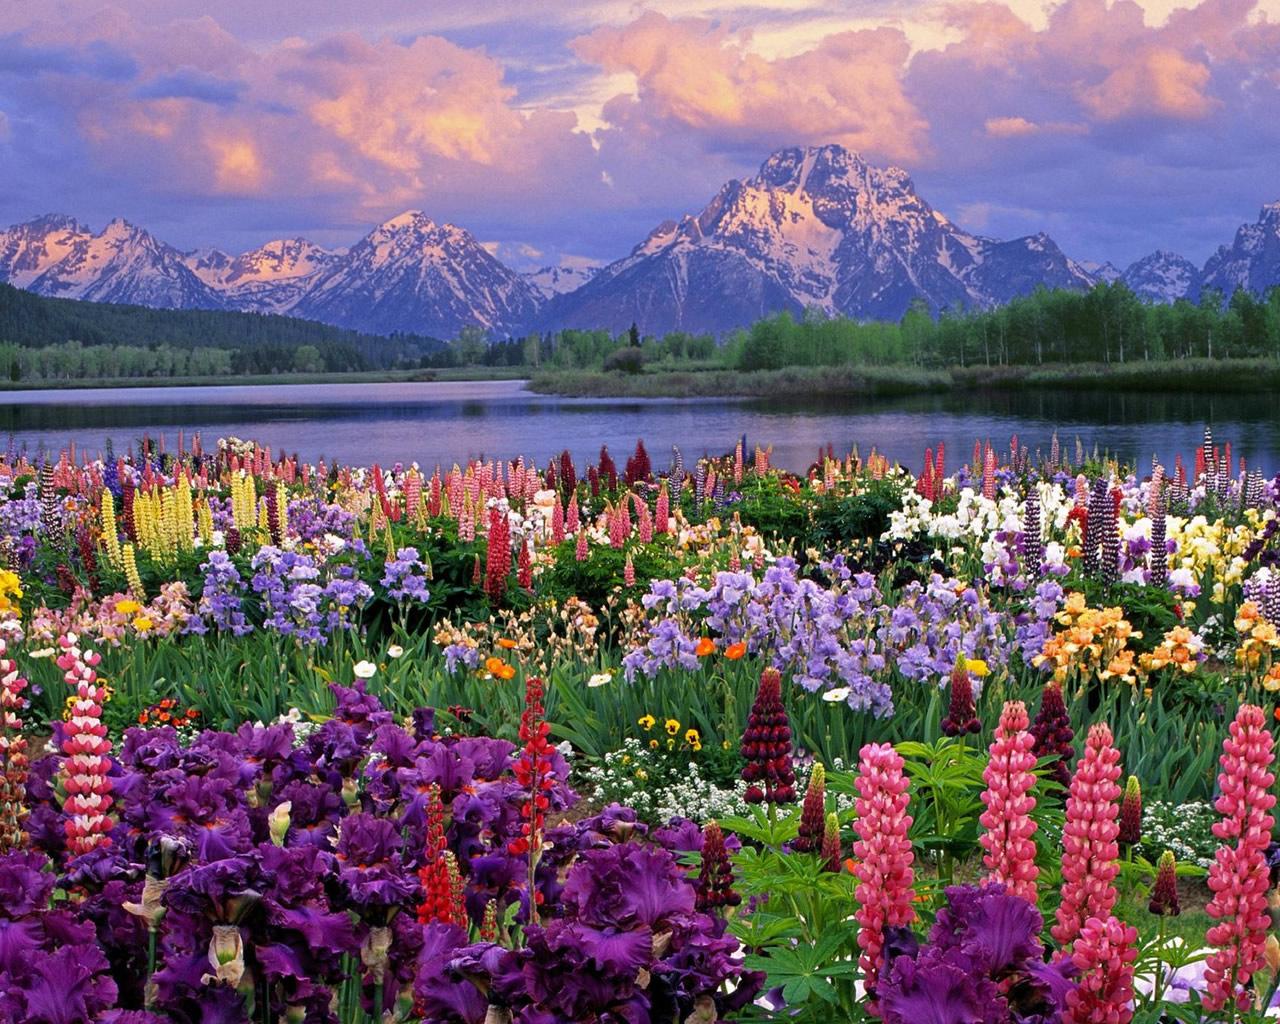 Imagini De Primavara   Peisaje Cu Flori De Primavara Poze Si Imagini